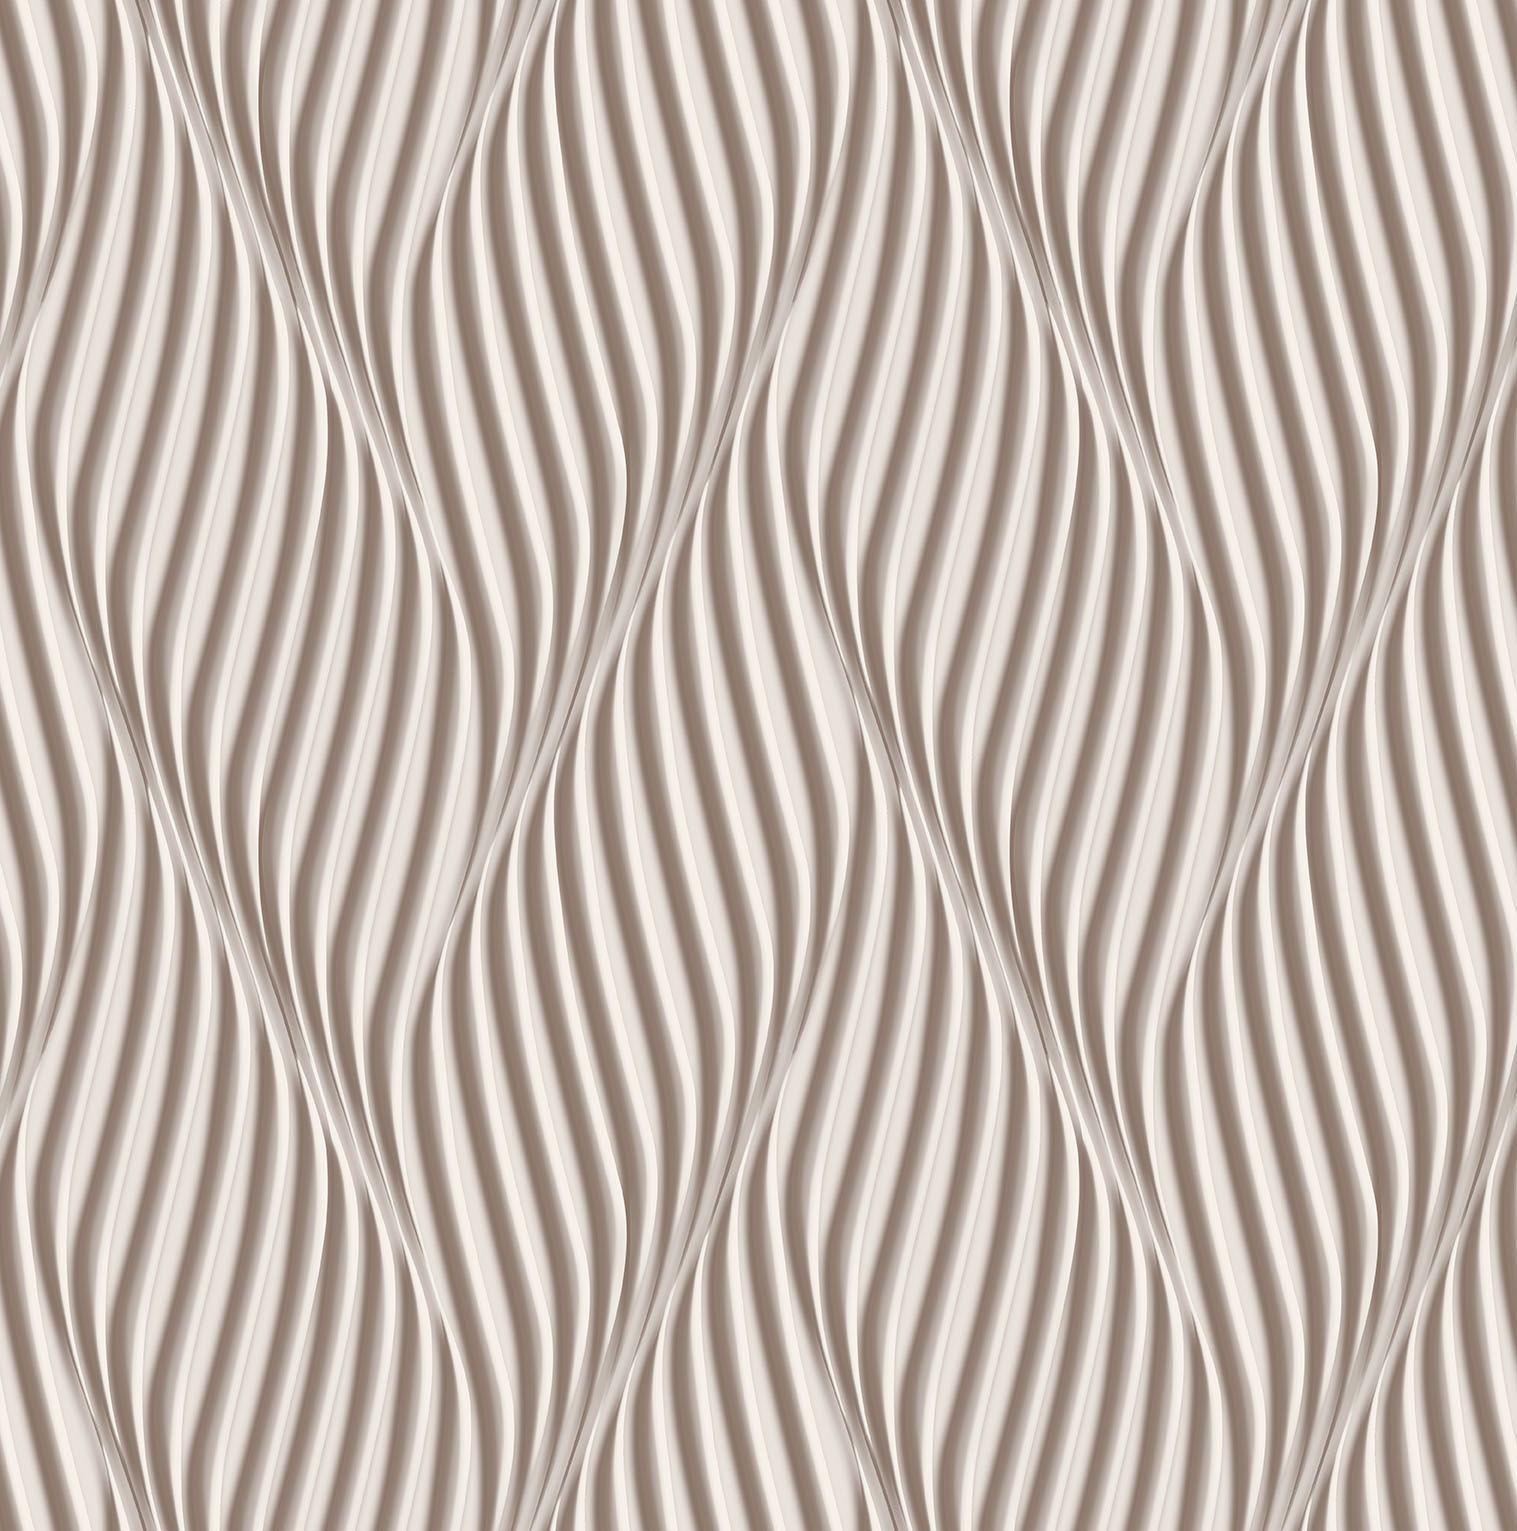 Papel de parede Bobinex Vinílico Coleção Dimensões Geométrico Espiral Marrom, Marfim